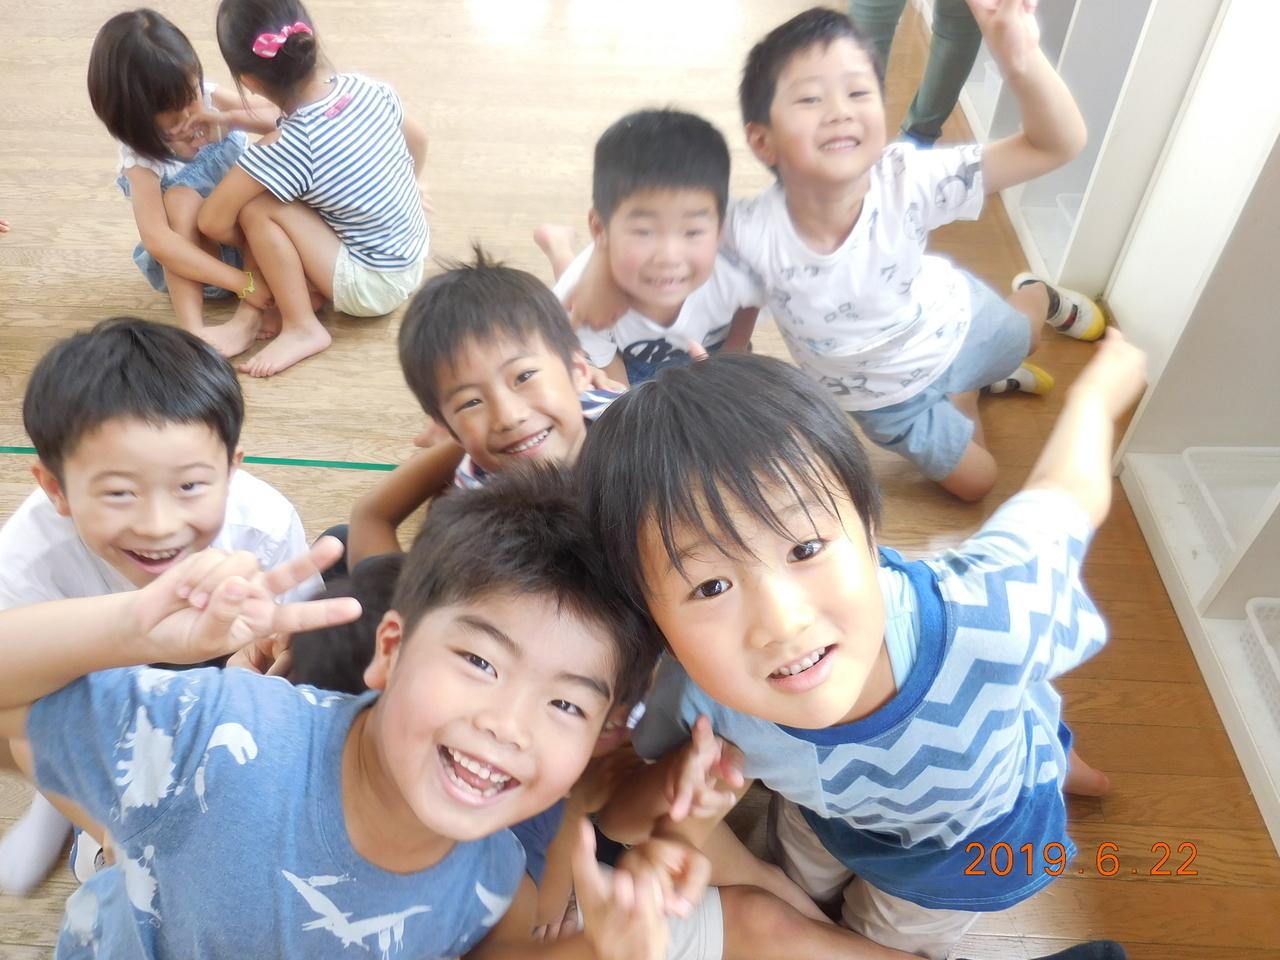 f:id:meiji-k-teacher:20190622112237j:plain